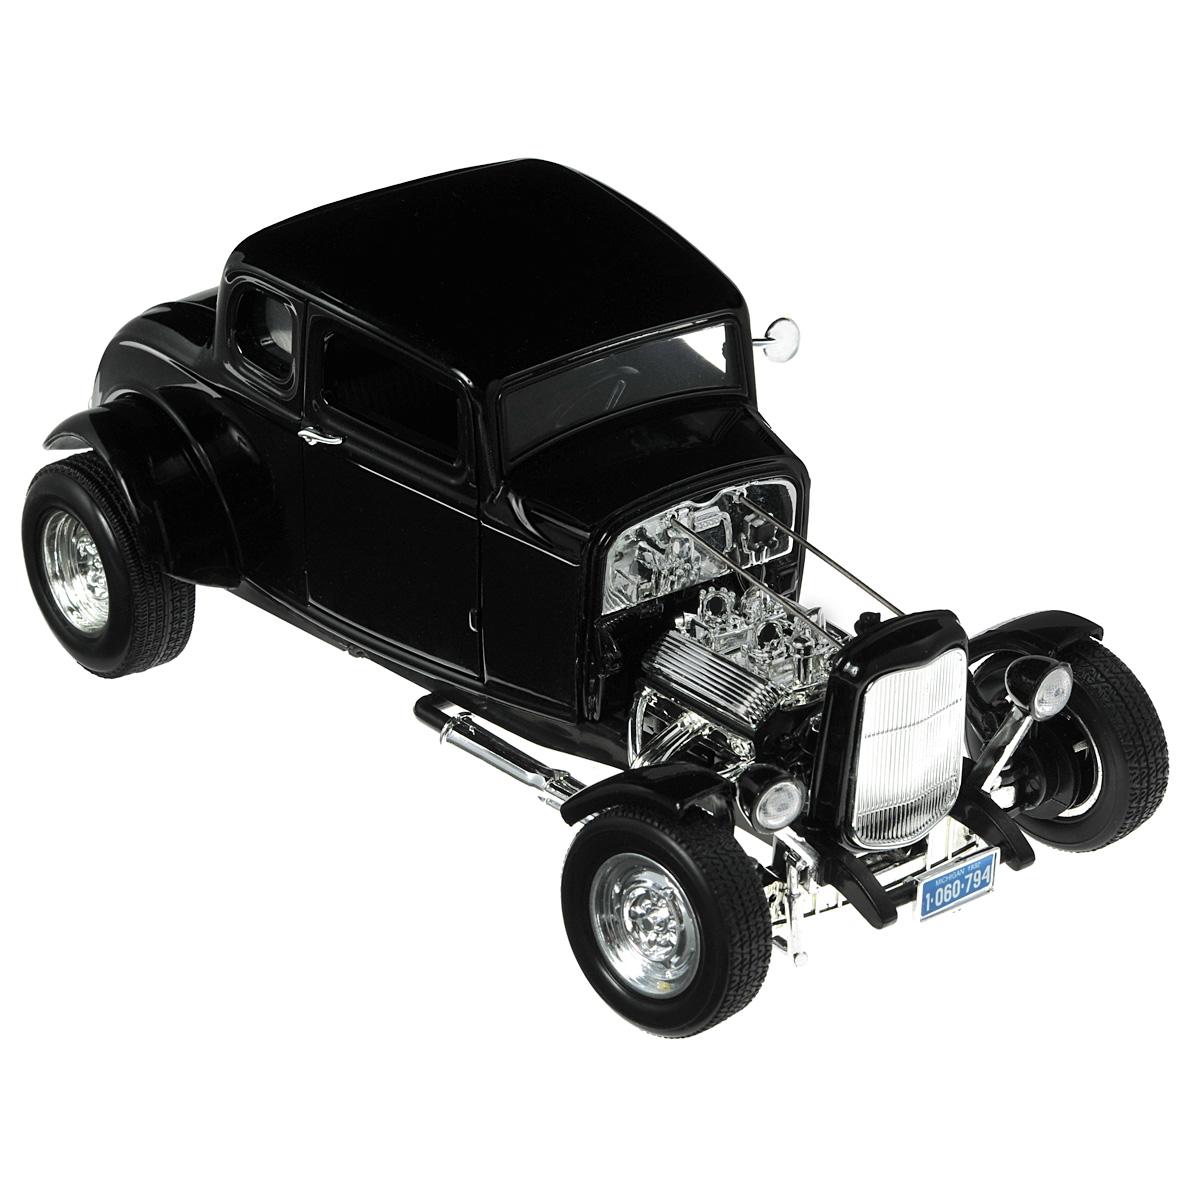 MotorMax Модель автомобиля Ford Hot Rod 1932 цвет черныйblack/ast73172ACКоллекционная модель MotorMax 1932 Ford Hot Rod станет хорошим подарком для любого ценителя автомобилей. Перед вами Ford Hot Rod – великолепный представитель американской классики первой трети XX века. Хот-роды стали родоначальниками современного стрит-рейсинга, сочетая в себе как элемент нелегальных гонок, так и большое внимание к тюнингу, из-за чего каждая машина была фактически произведением искусства. Машинка изготовлена из литого металла, некоторые элементы, включая отделку салона, пластиковые. На колесах автомобиля – резиновые шины. У модели открывающиеся двери, поворачивающийся руль и колеса. Модель помещена на пластиковую подставку с оригинальным названием автомобиля. Машинки фирмы Motormax изготавливаются из качественных и безопасных материалов.